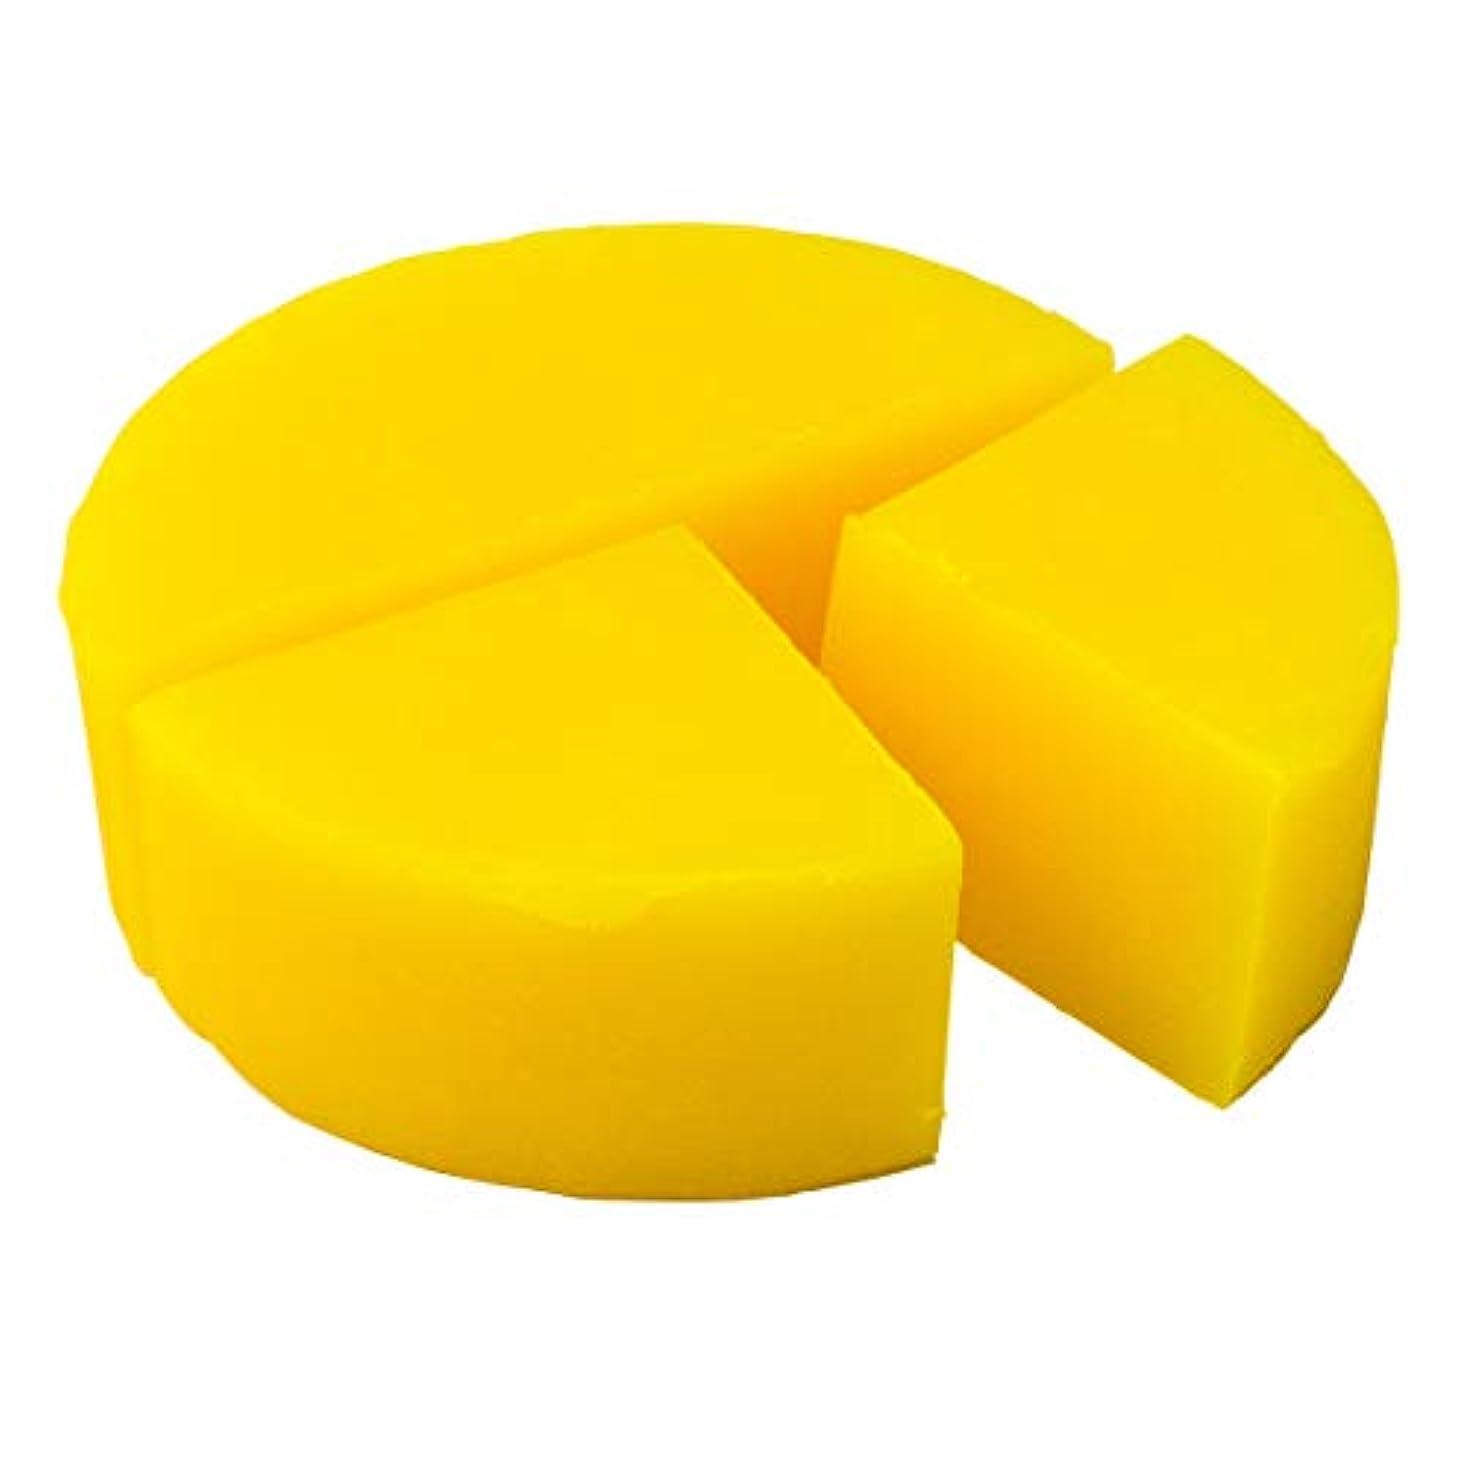 聞きます遠洋の項目グリセリン クリアソープ 色チップ 黄 100g (MPソープ)